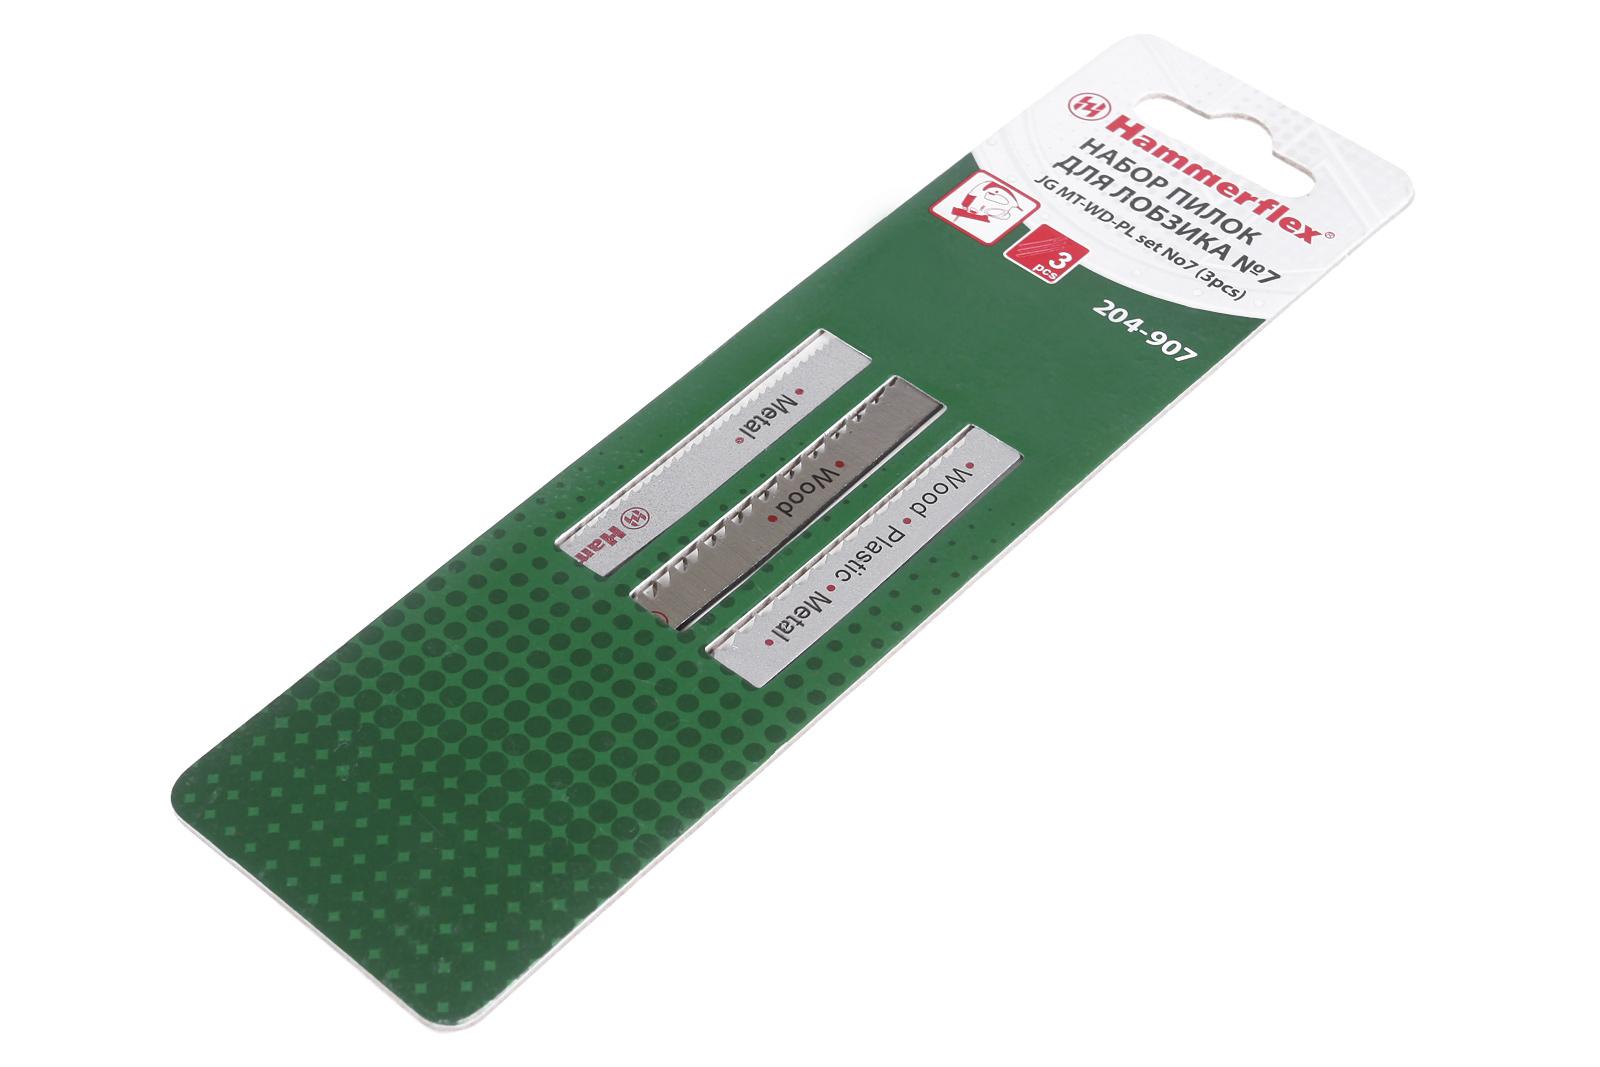 Пилки для лобзика Hammer 204-907 jg mt-pl набор no7 (3шт.)